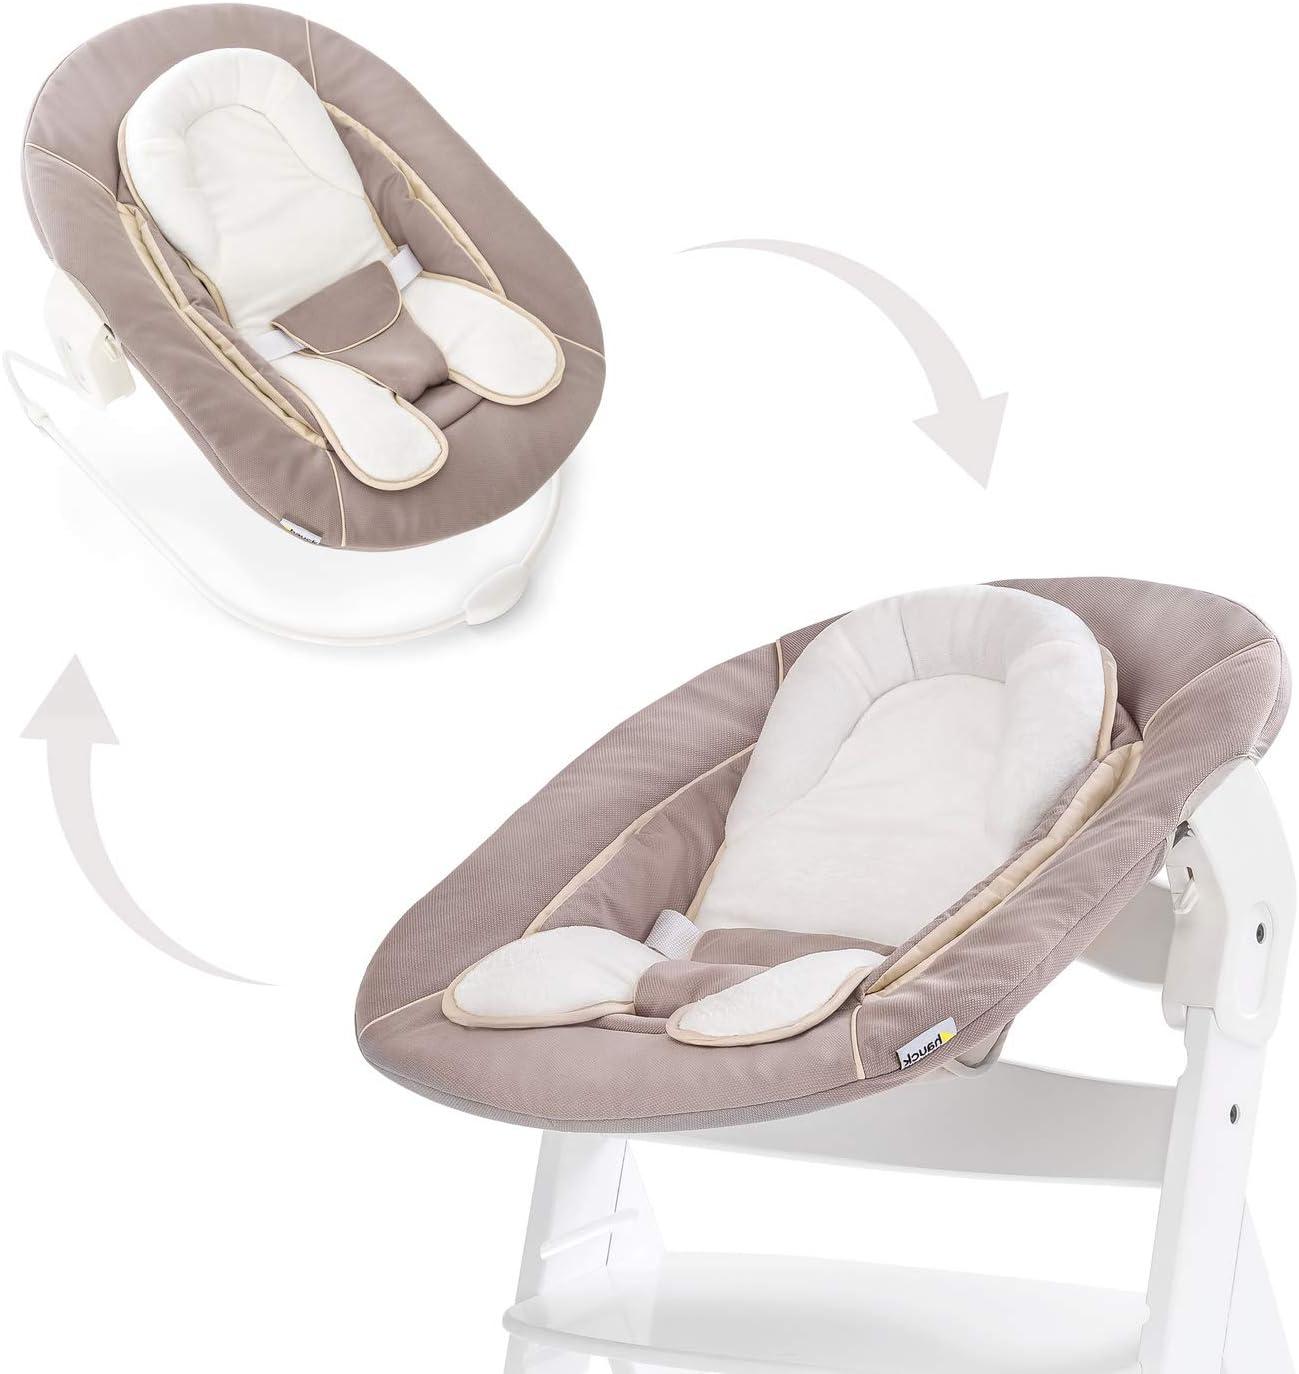 Hauck Alpha Bouncer - 2 en 1 para recién nacido, hamaca de tejido suave, combinable con trona de madera evolutiva Alpha+ y Beta+ de HAUCK, incluido reductor, mecedora para bebes, Strech Beige